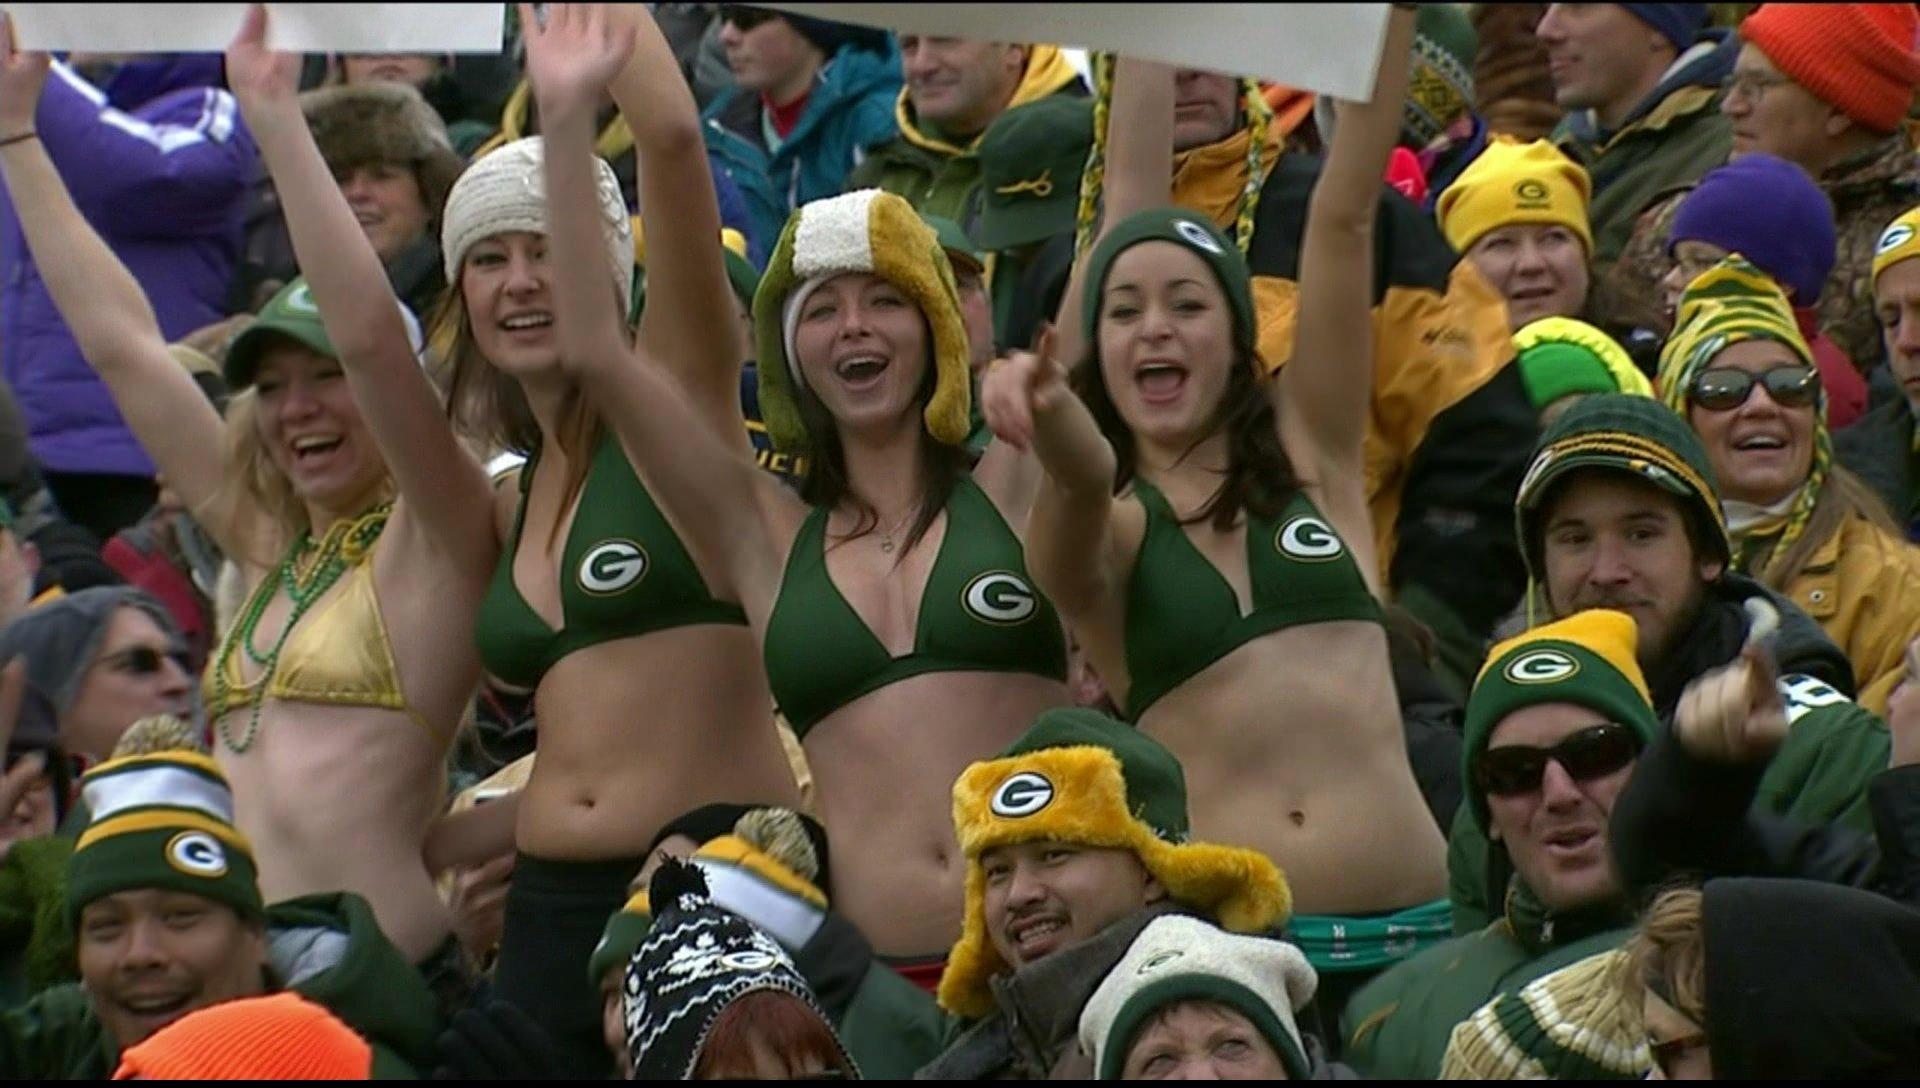 Green bay packer fan hookup site